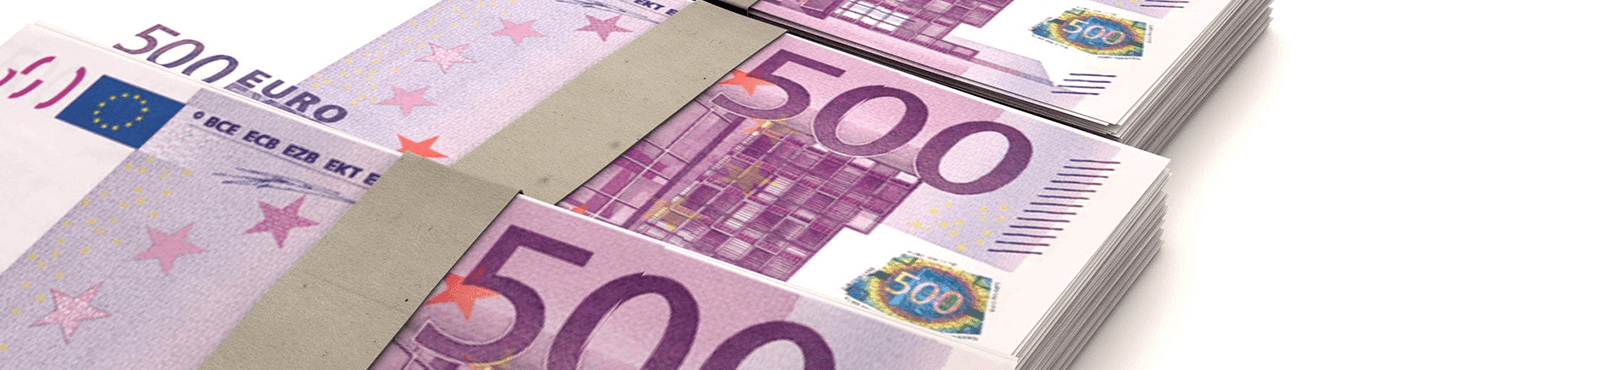 Was ist Umsatzsteuer – wir klären die wichtigsten Fragen